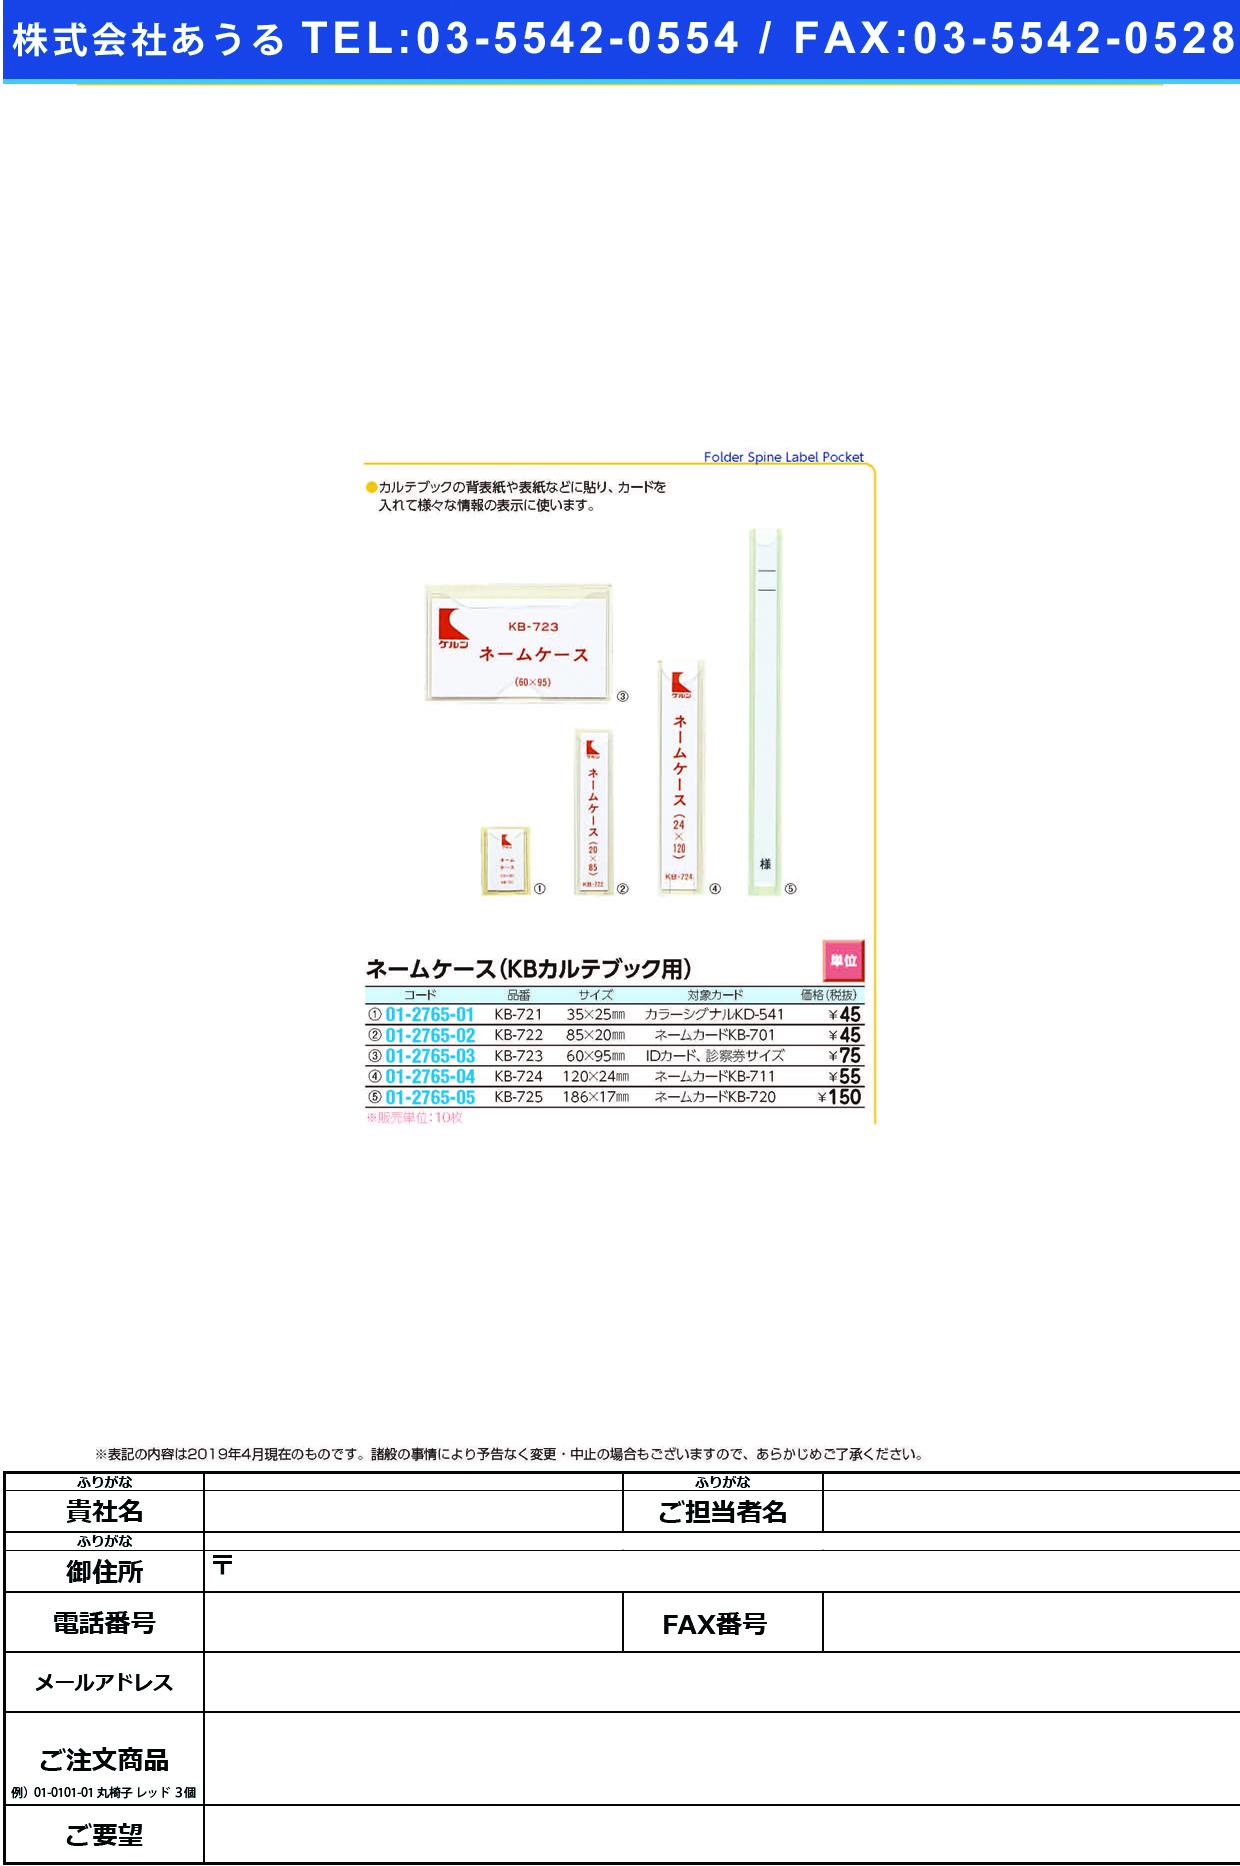 (01-2765-05)ネームケース KB-725(KB-900・910ヨウ) ネームケース(ケルン)【10枚単位】【2019年カタログ商品】